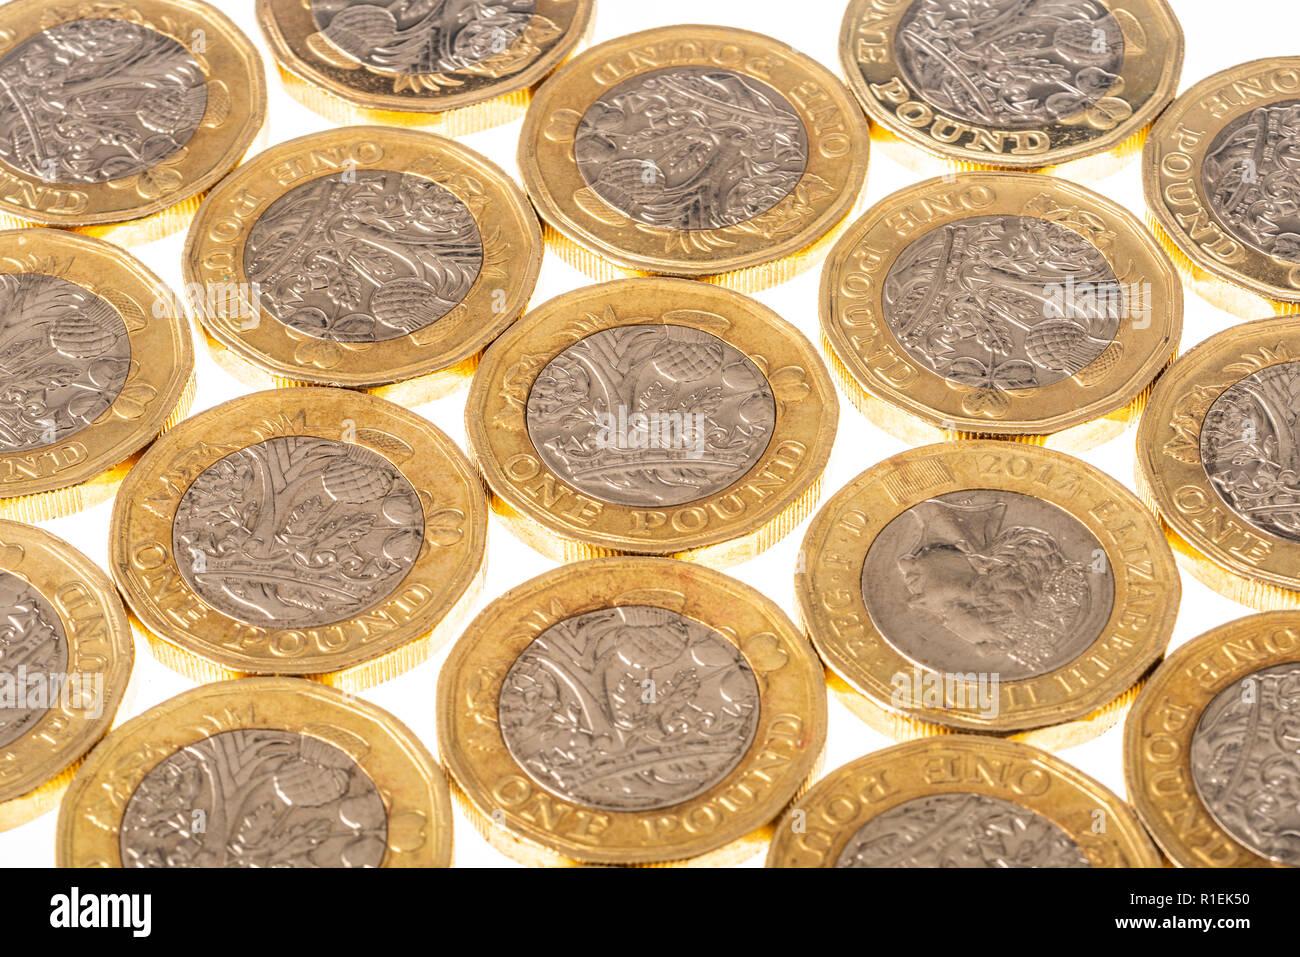 UK British Pound coins on white background - Stock Image